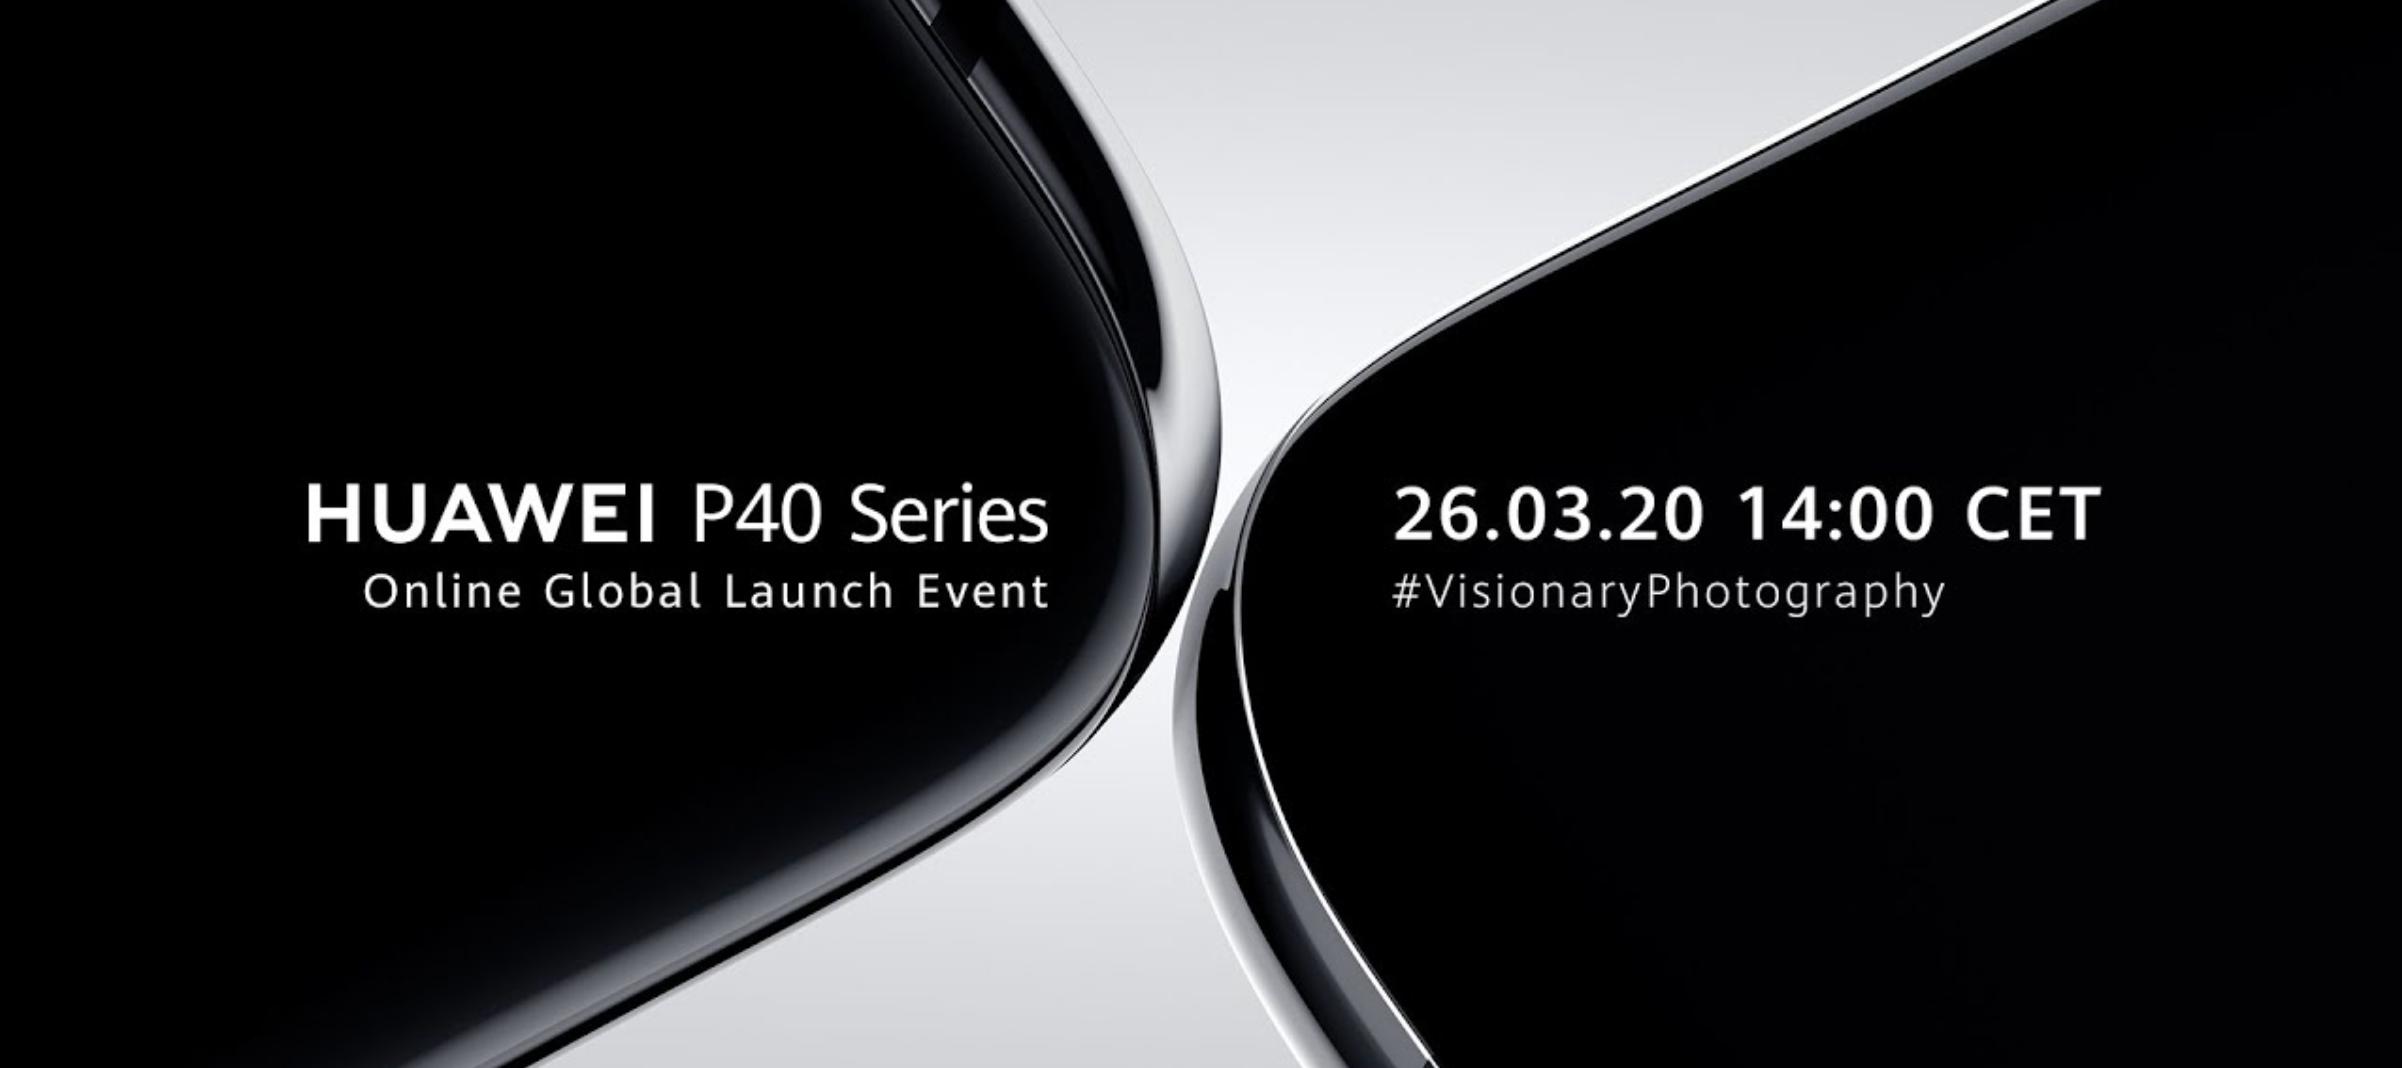 Huawei P40 Series - Live stream